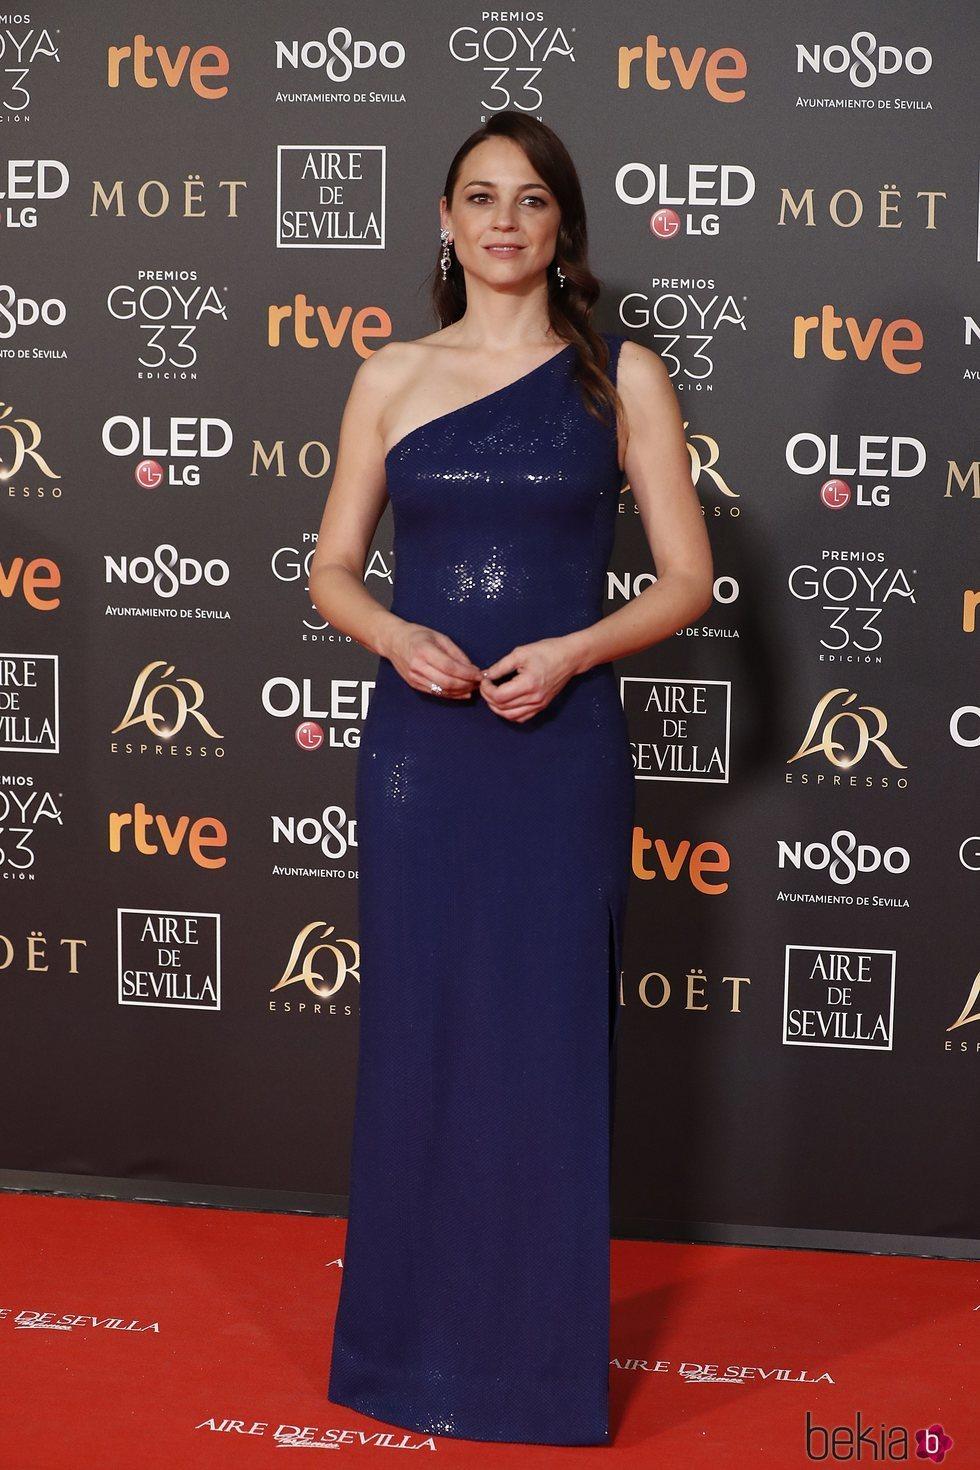 Leonor Watling en la alfombra roja de los Premios Goya 2019